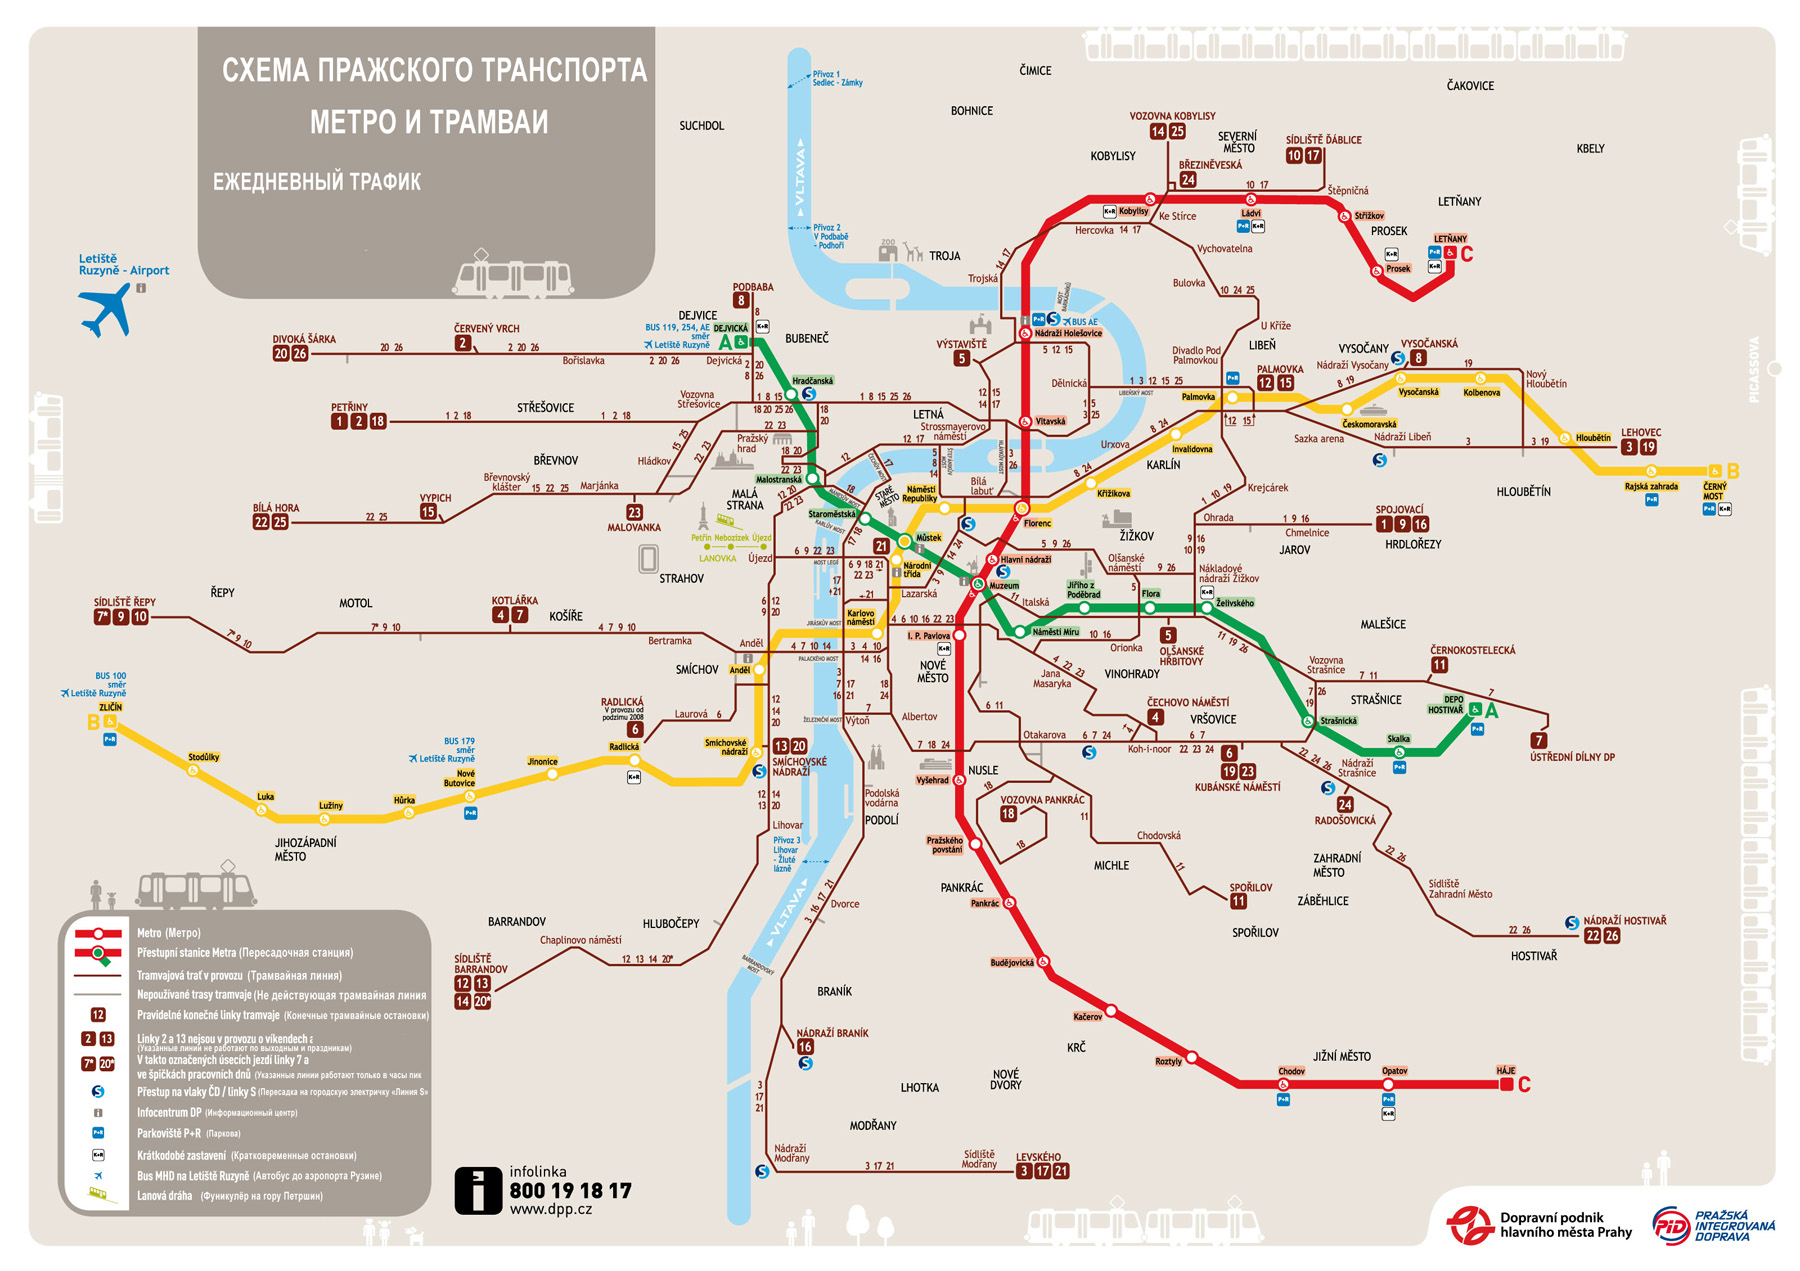 Схема транспорта метро